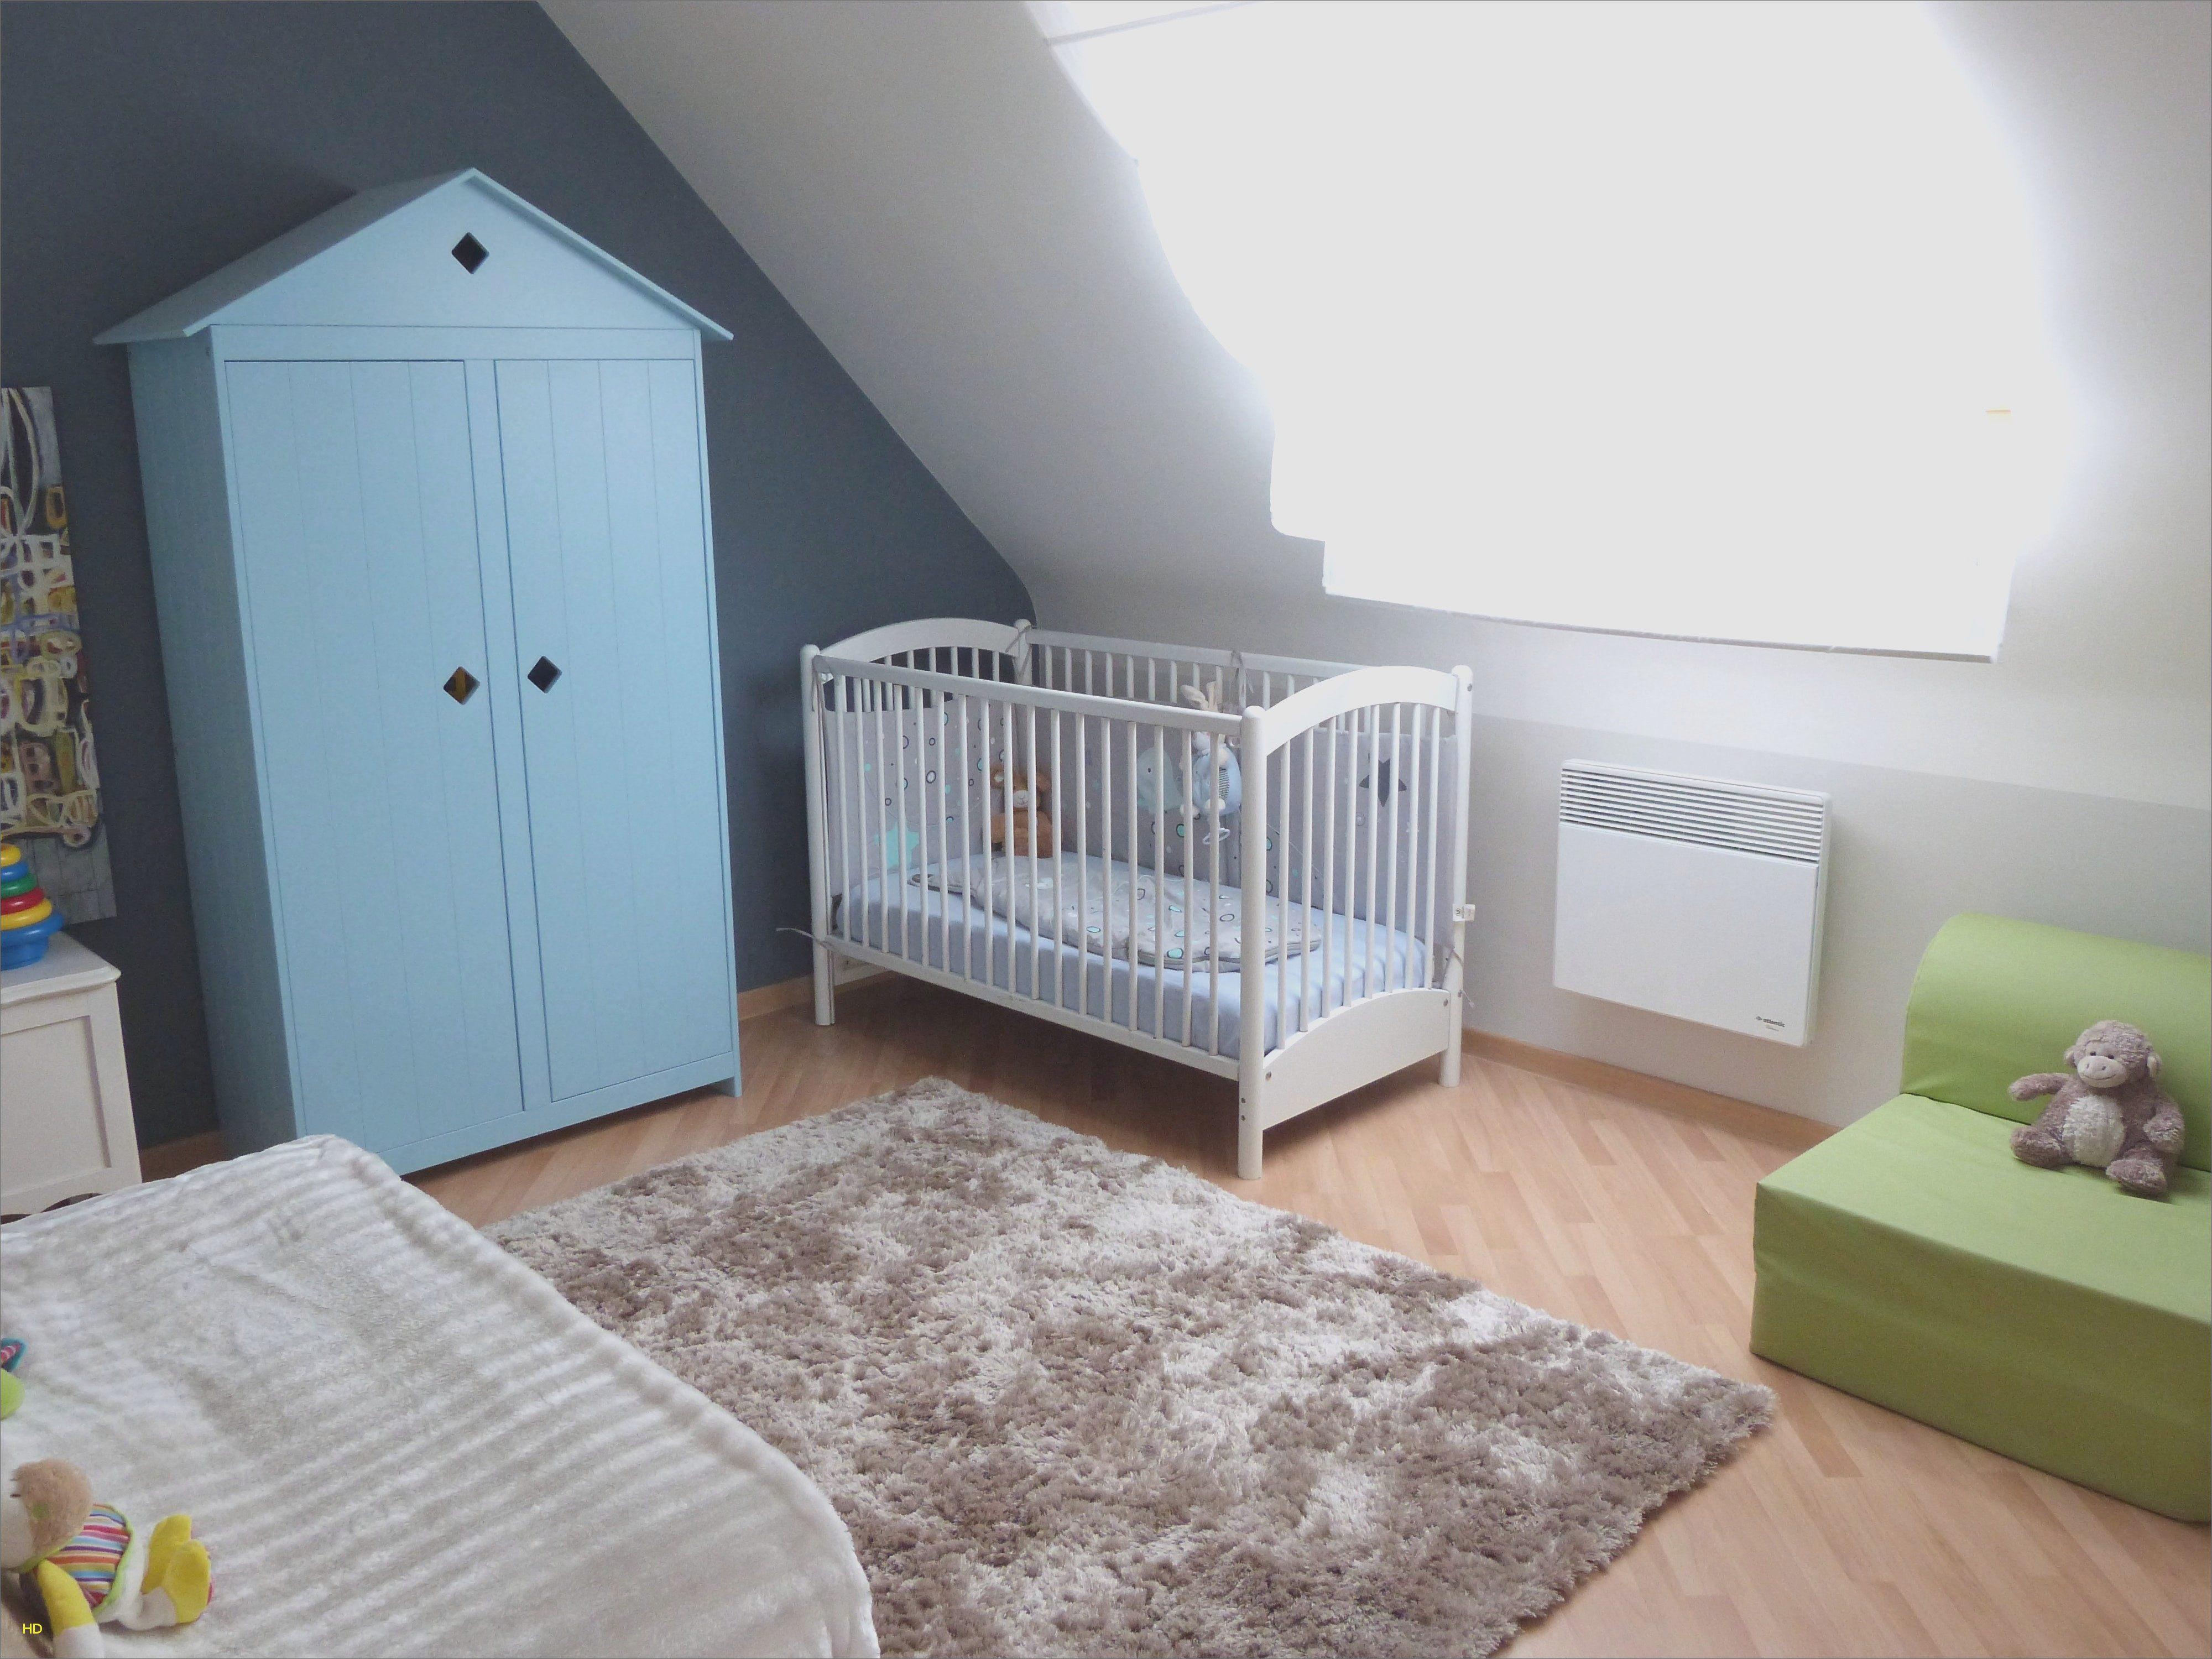 Lit Bébé Gain De Place De Luxe Beau Chambre Enfant Lit Superposé  Lit Biné Armoire Fresh Lit